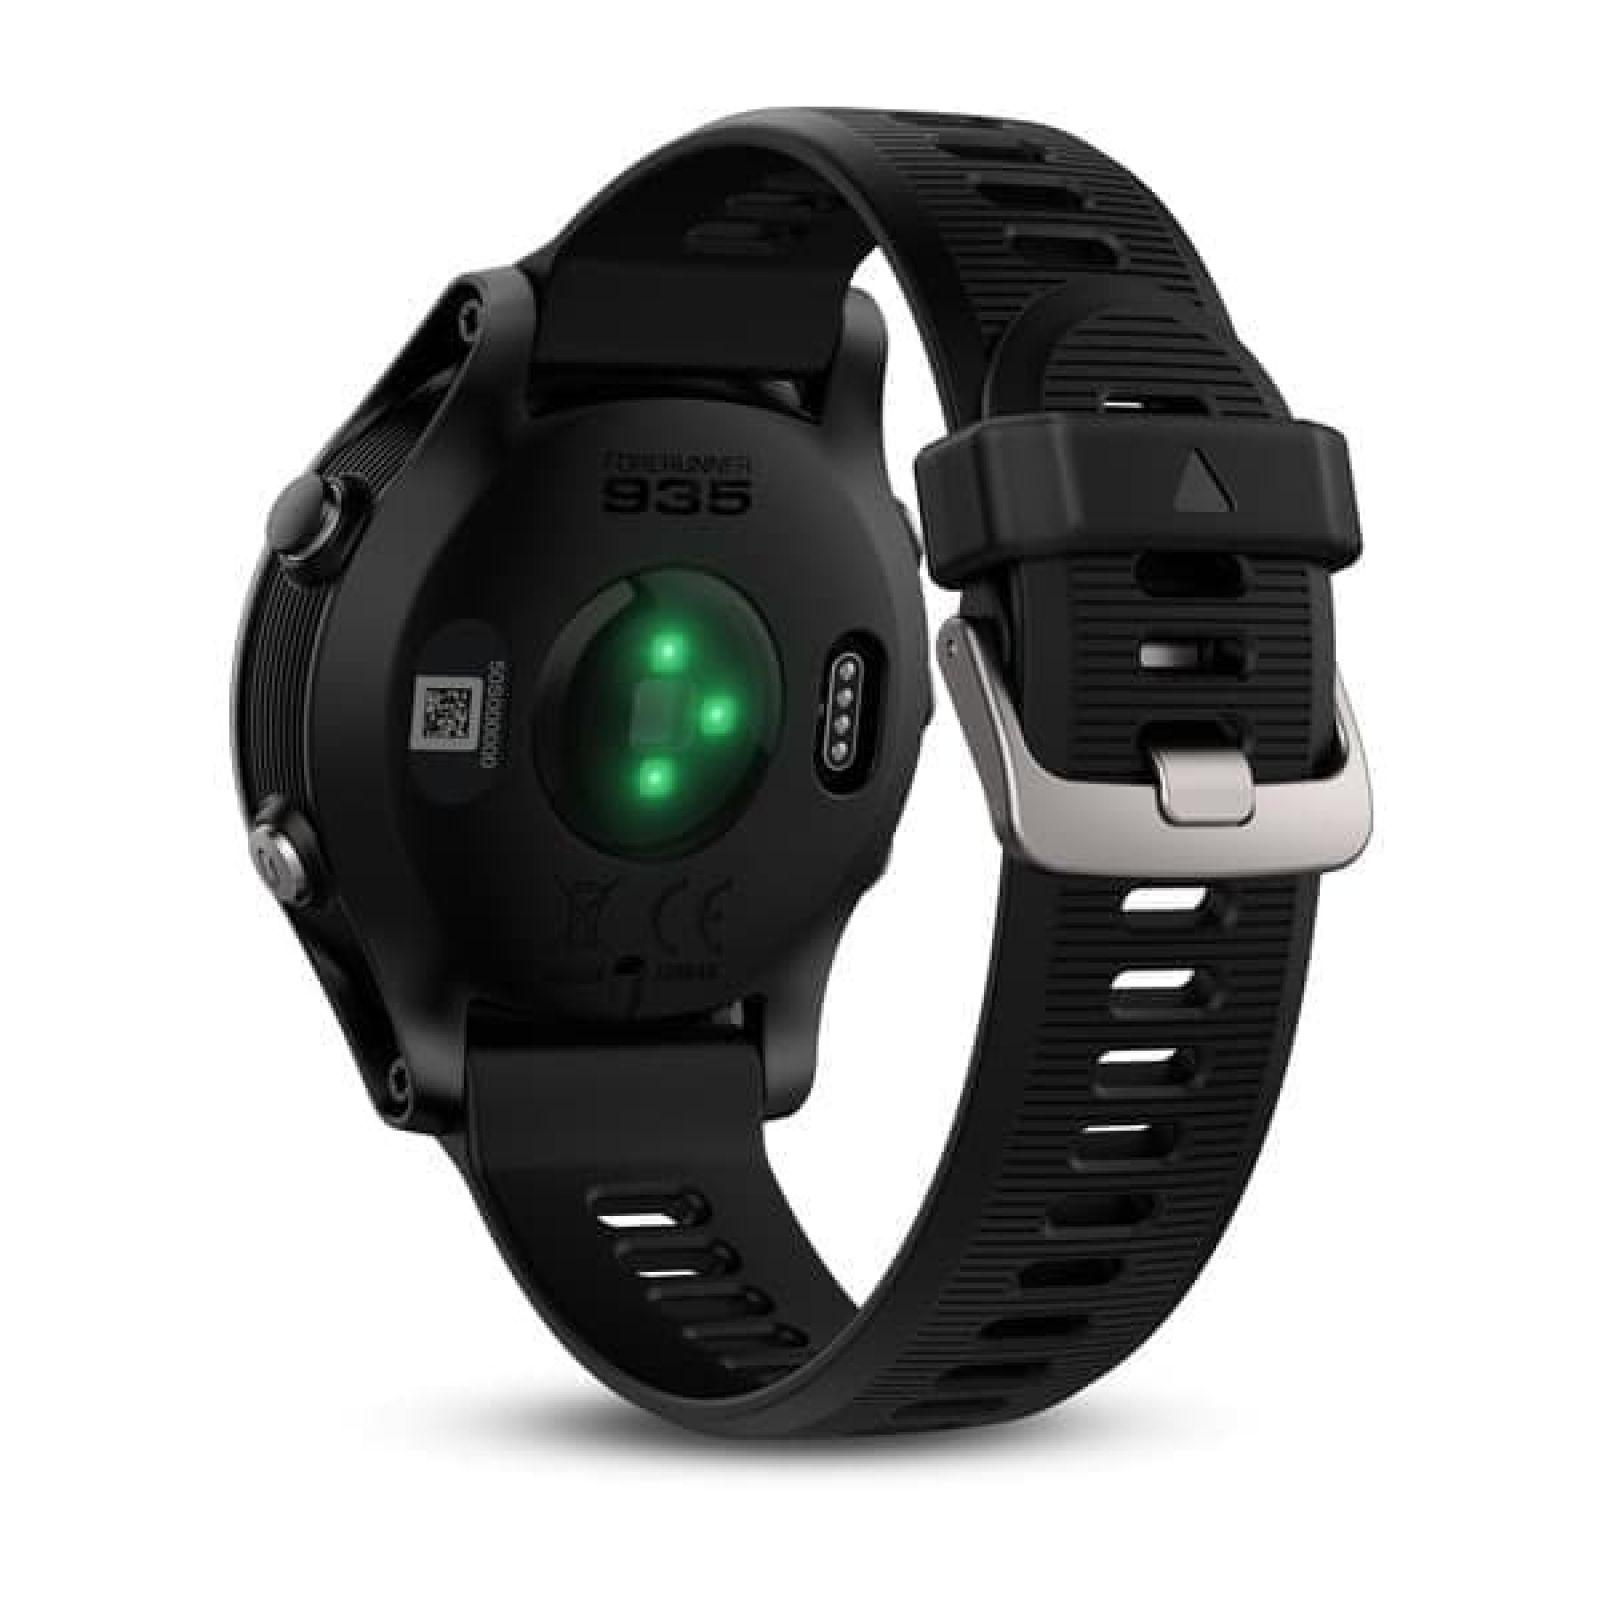 Garmin forerunner 935 новые GPS часы